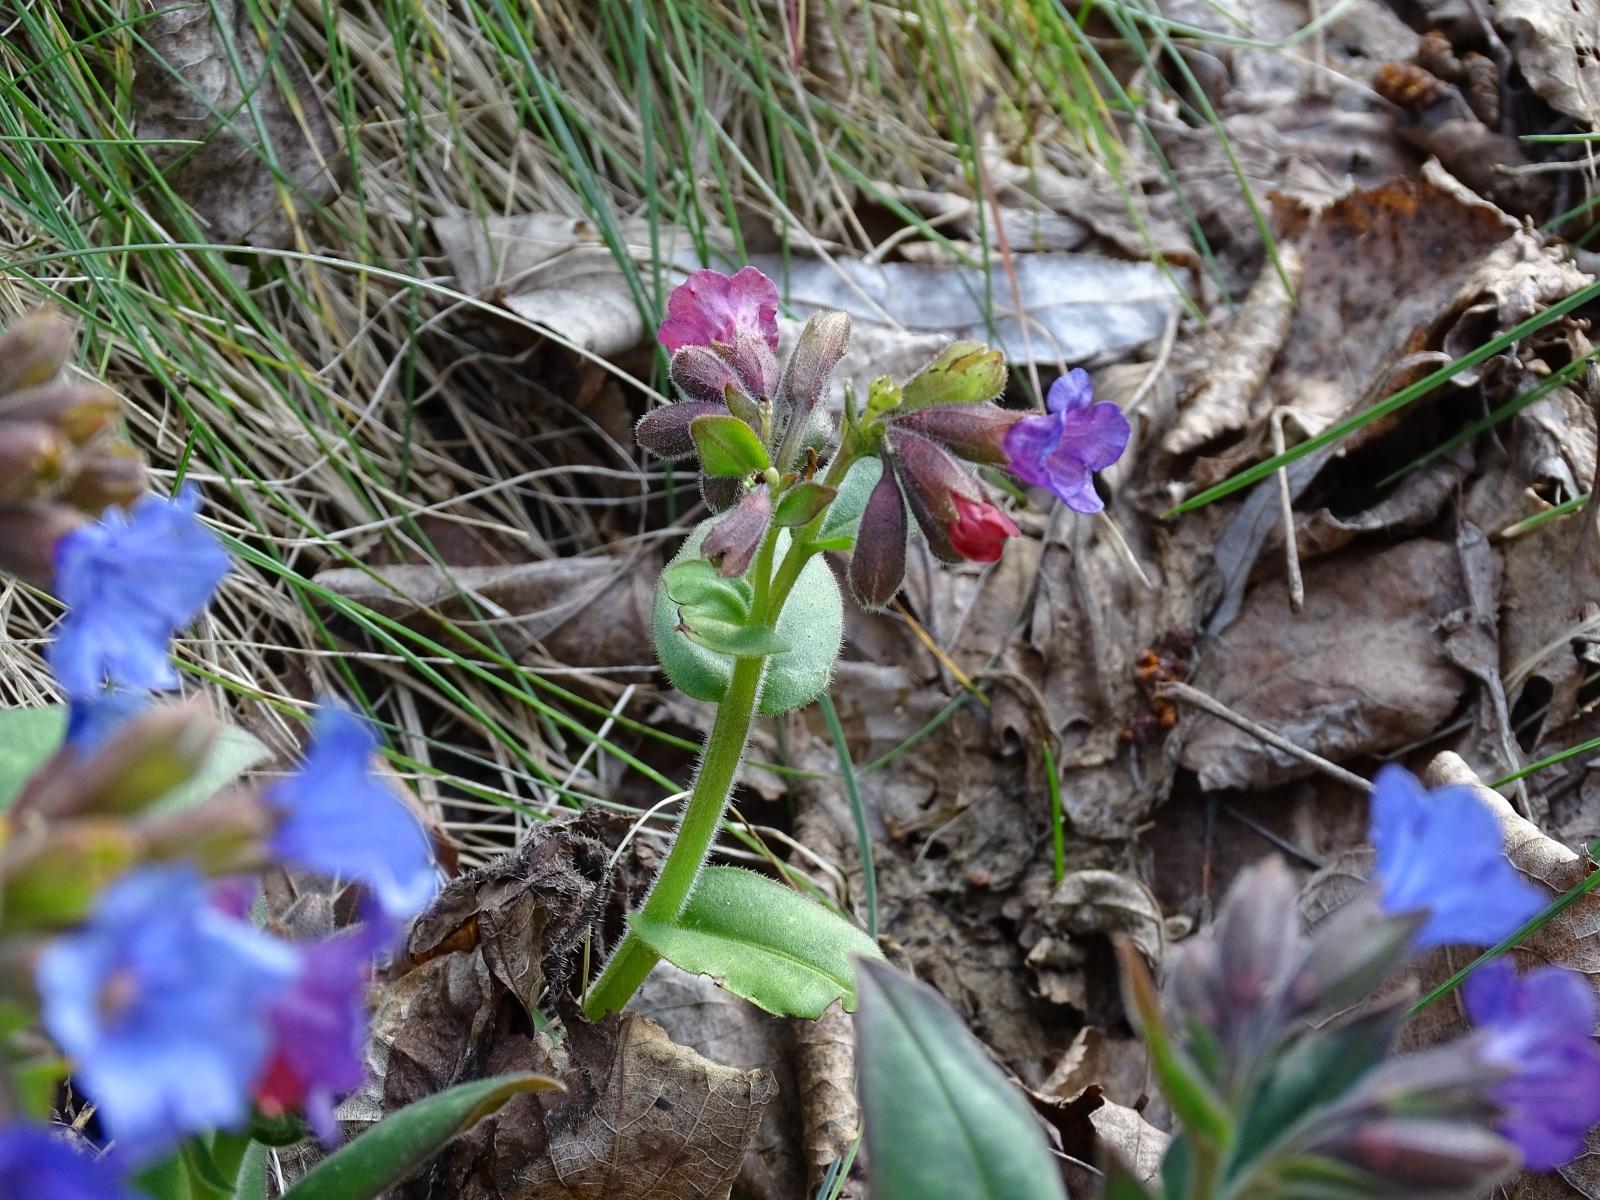 Miodunka ćma, przebarwiające się kwiaty, 18.03.2020 r.